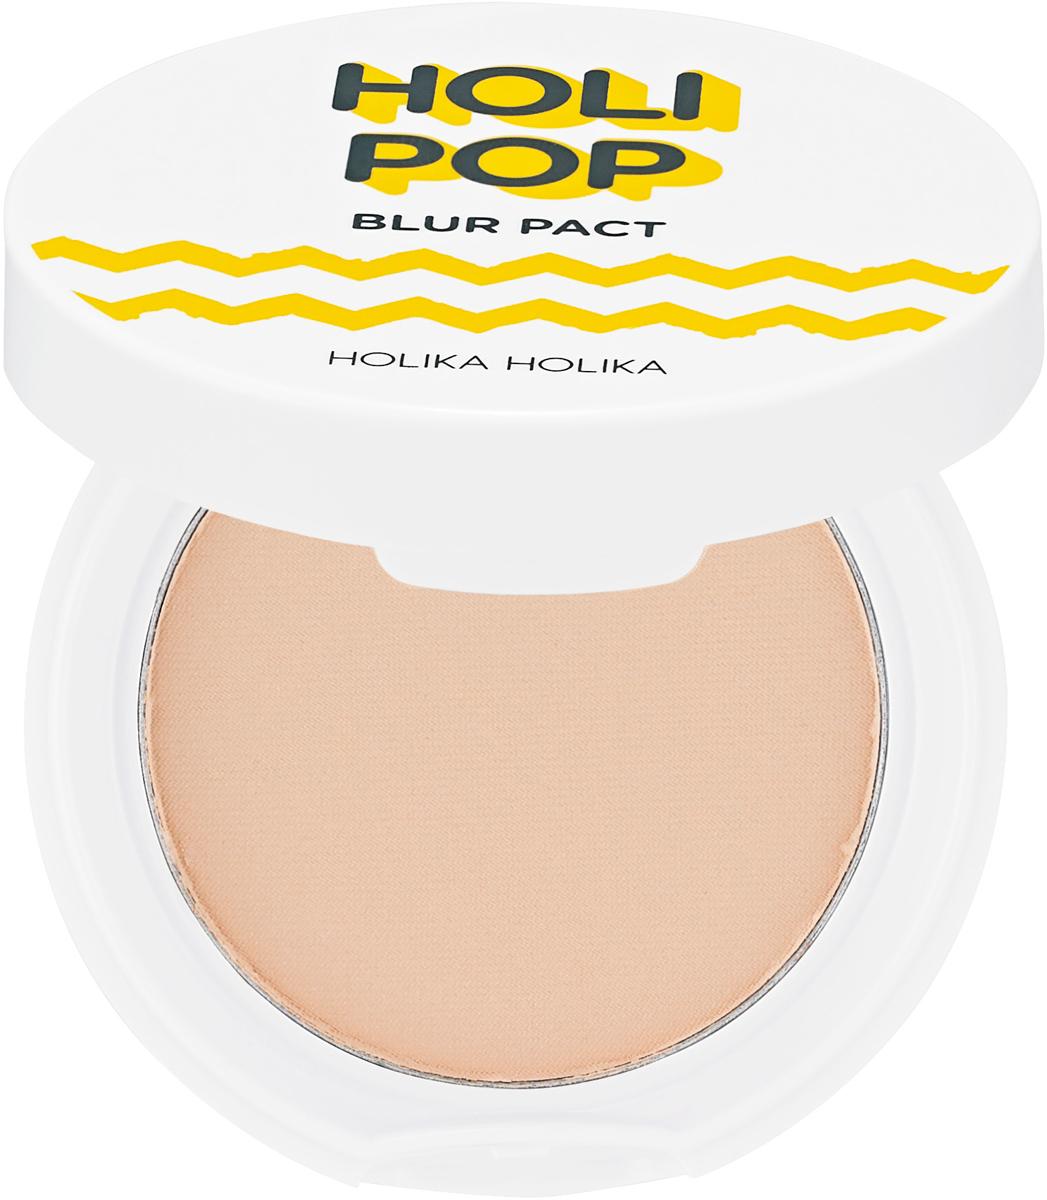 Holika Holika ПудрапрессованнаяHolipopBlur,тон02,бежевый,10,5г база под макияж holika holika holipop blur cream 30 мл